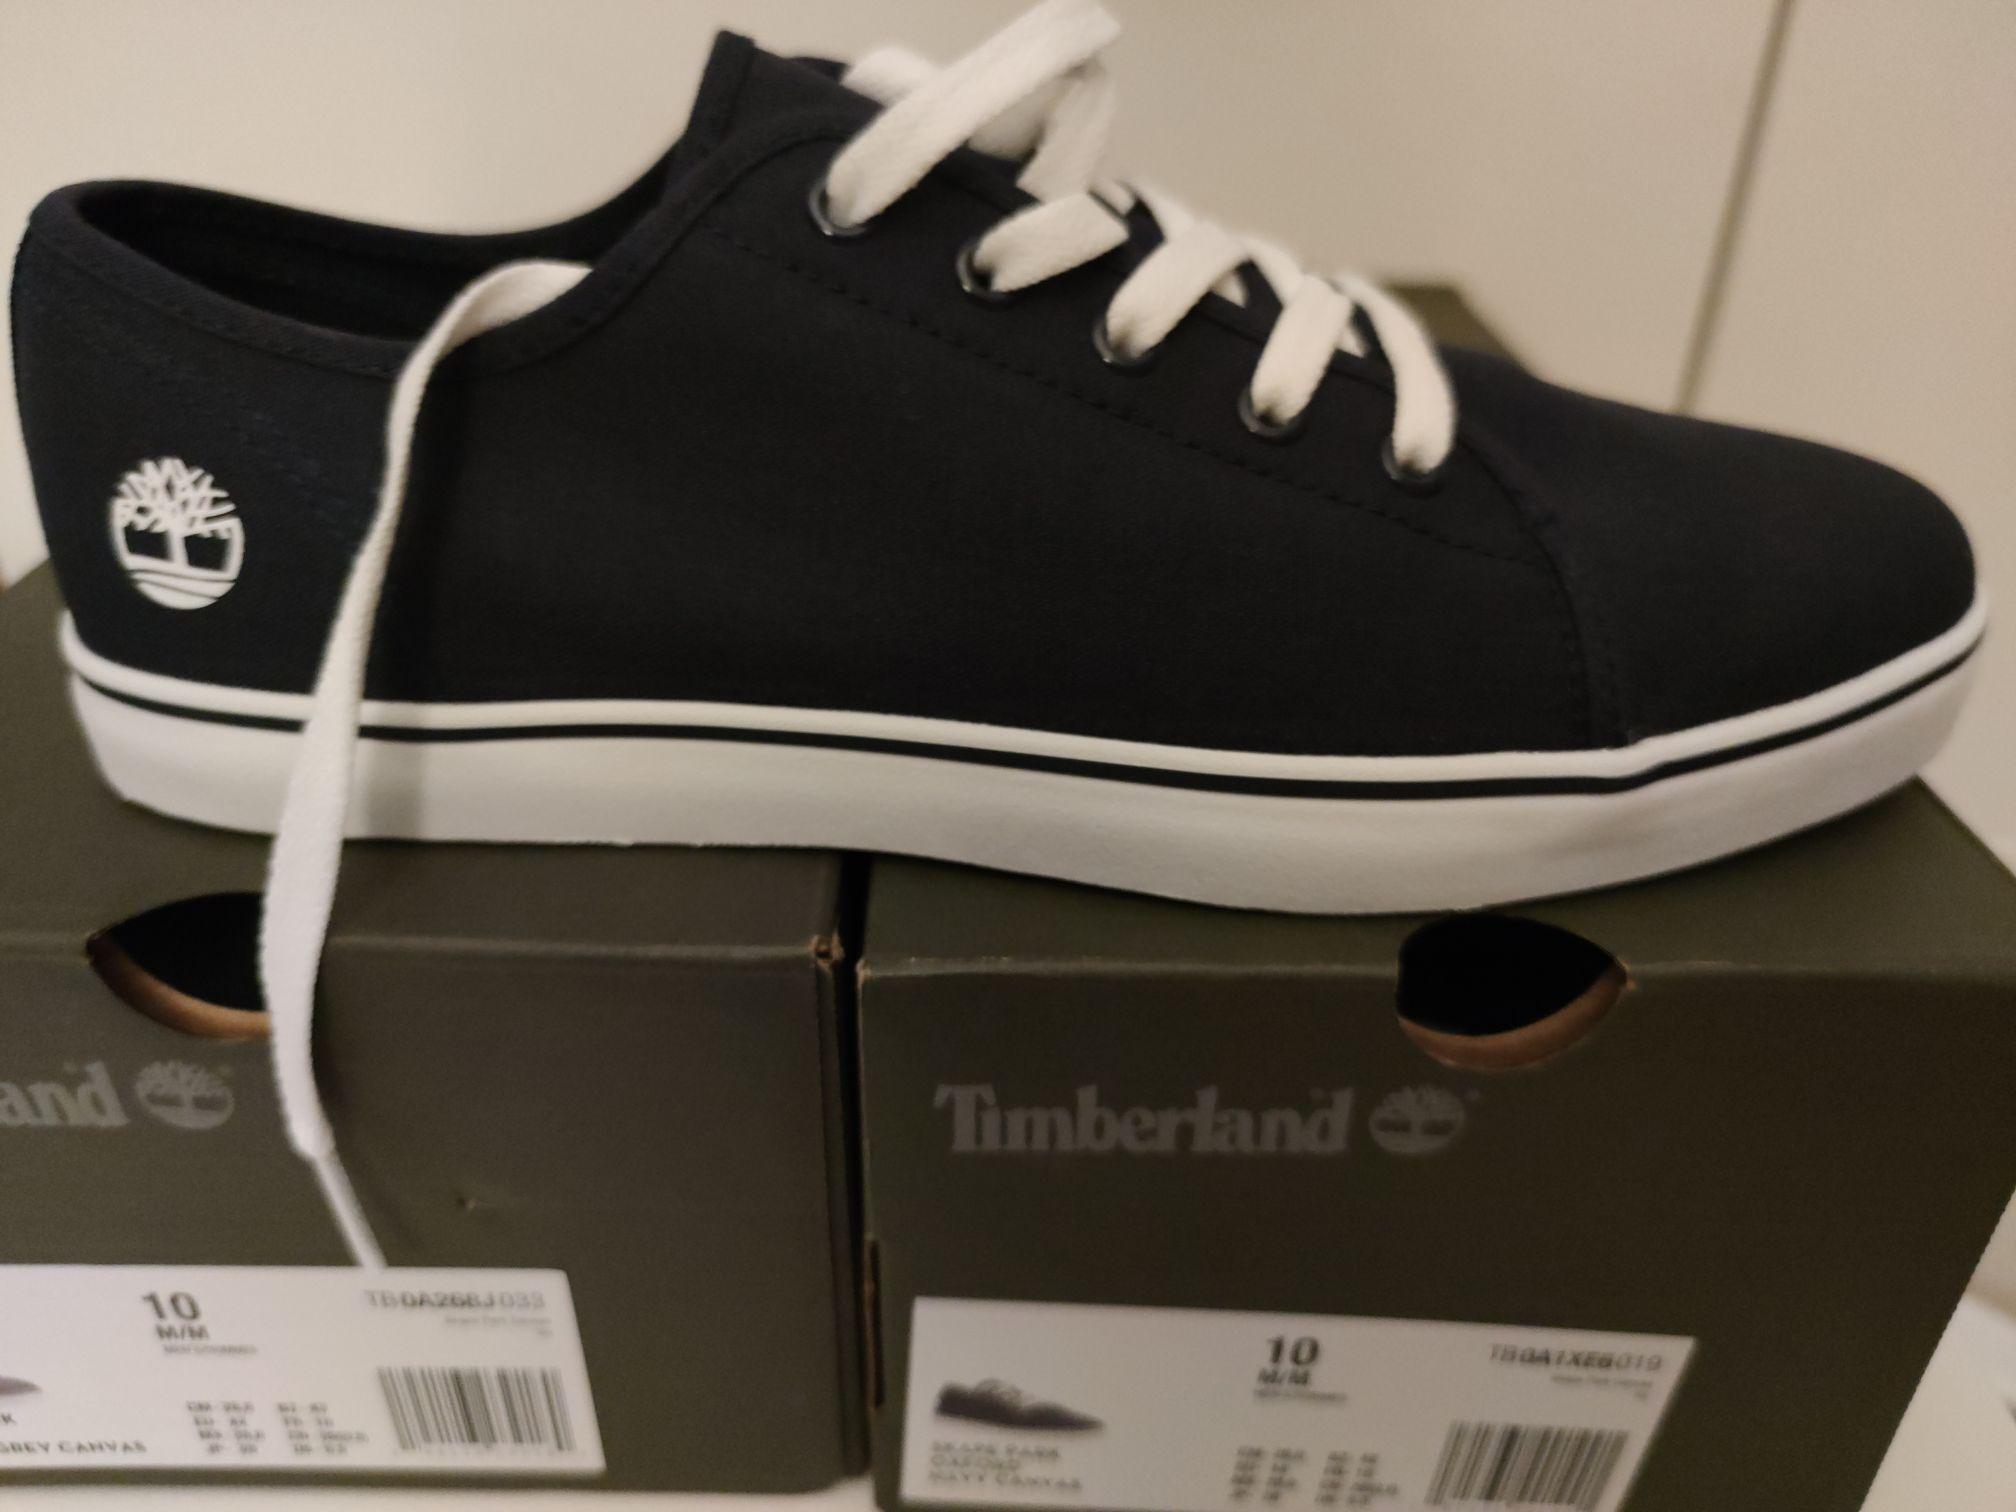 Zapatillas Timberland lona